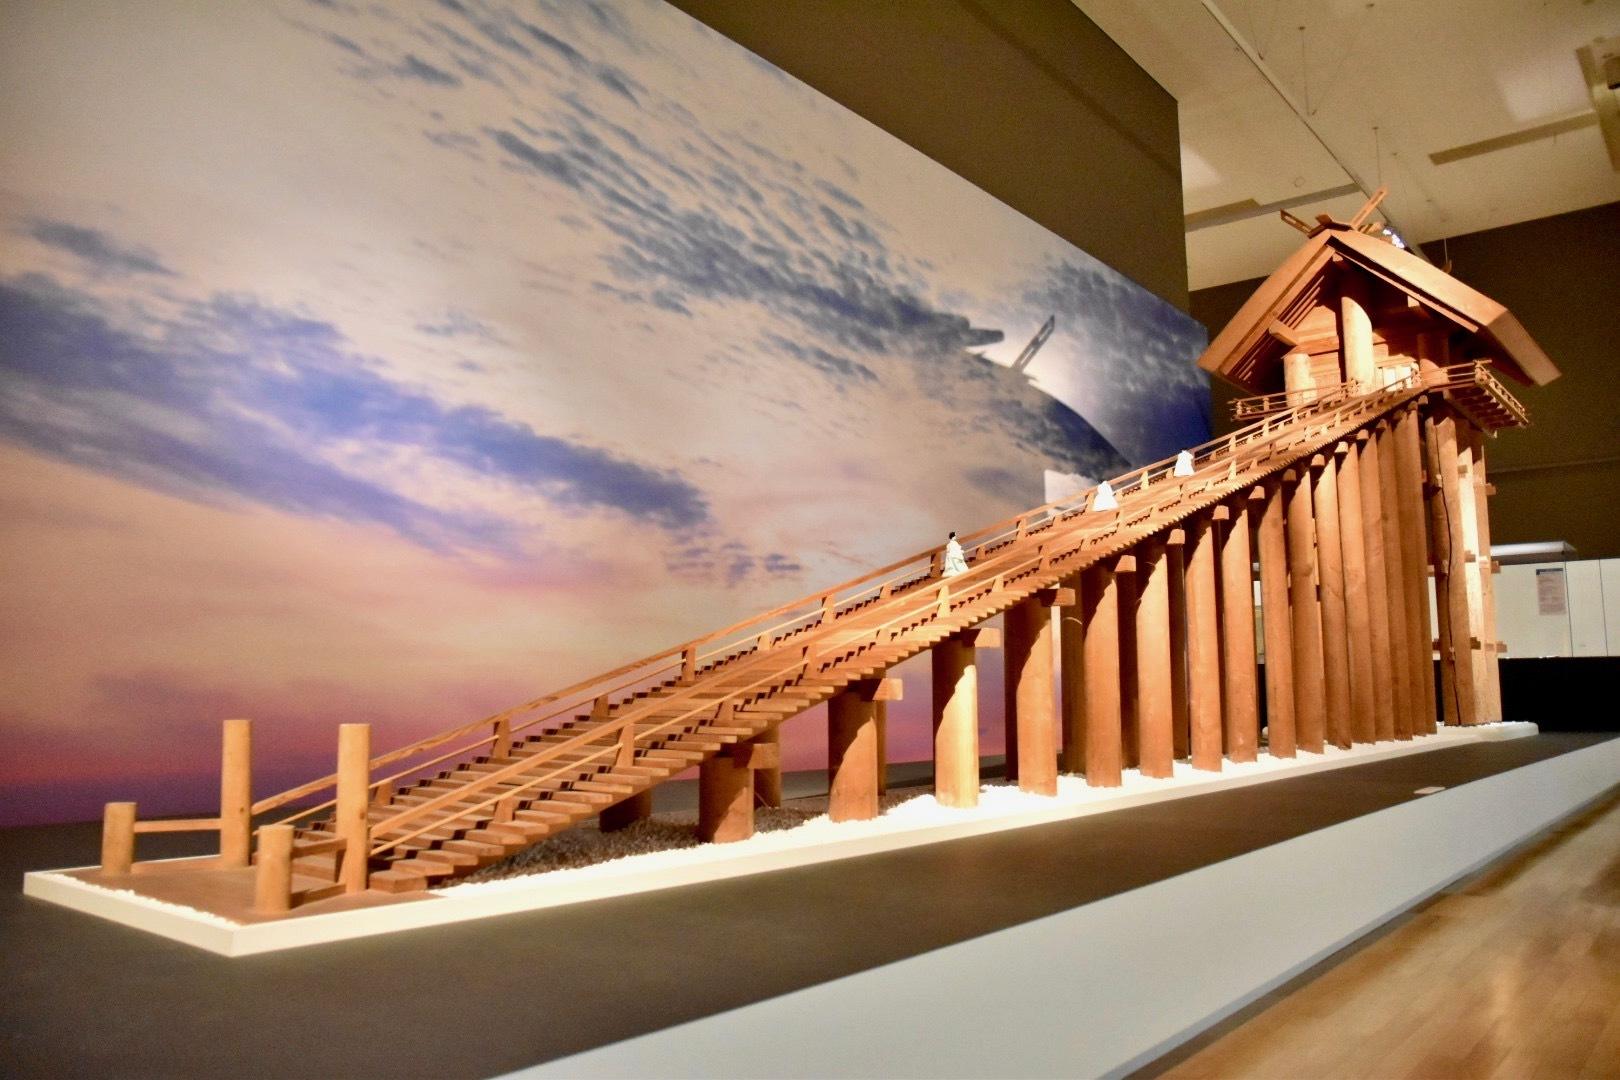 模型 出雲大社本殿 平成11年(1999) 島根・出雲市